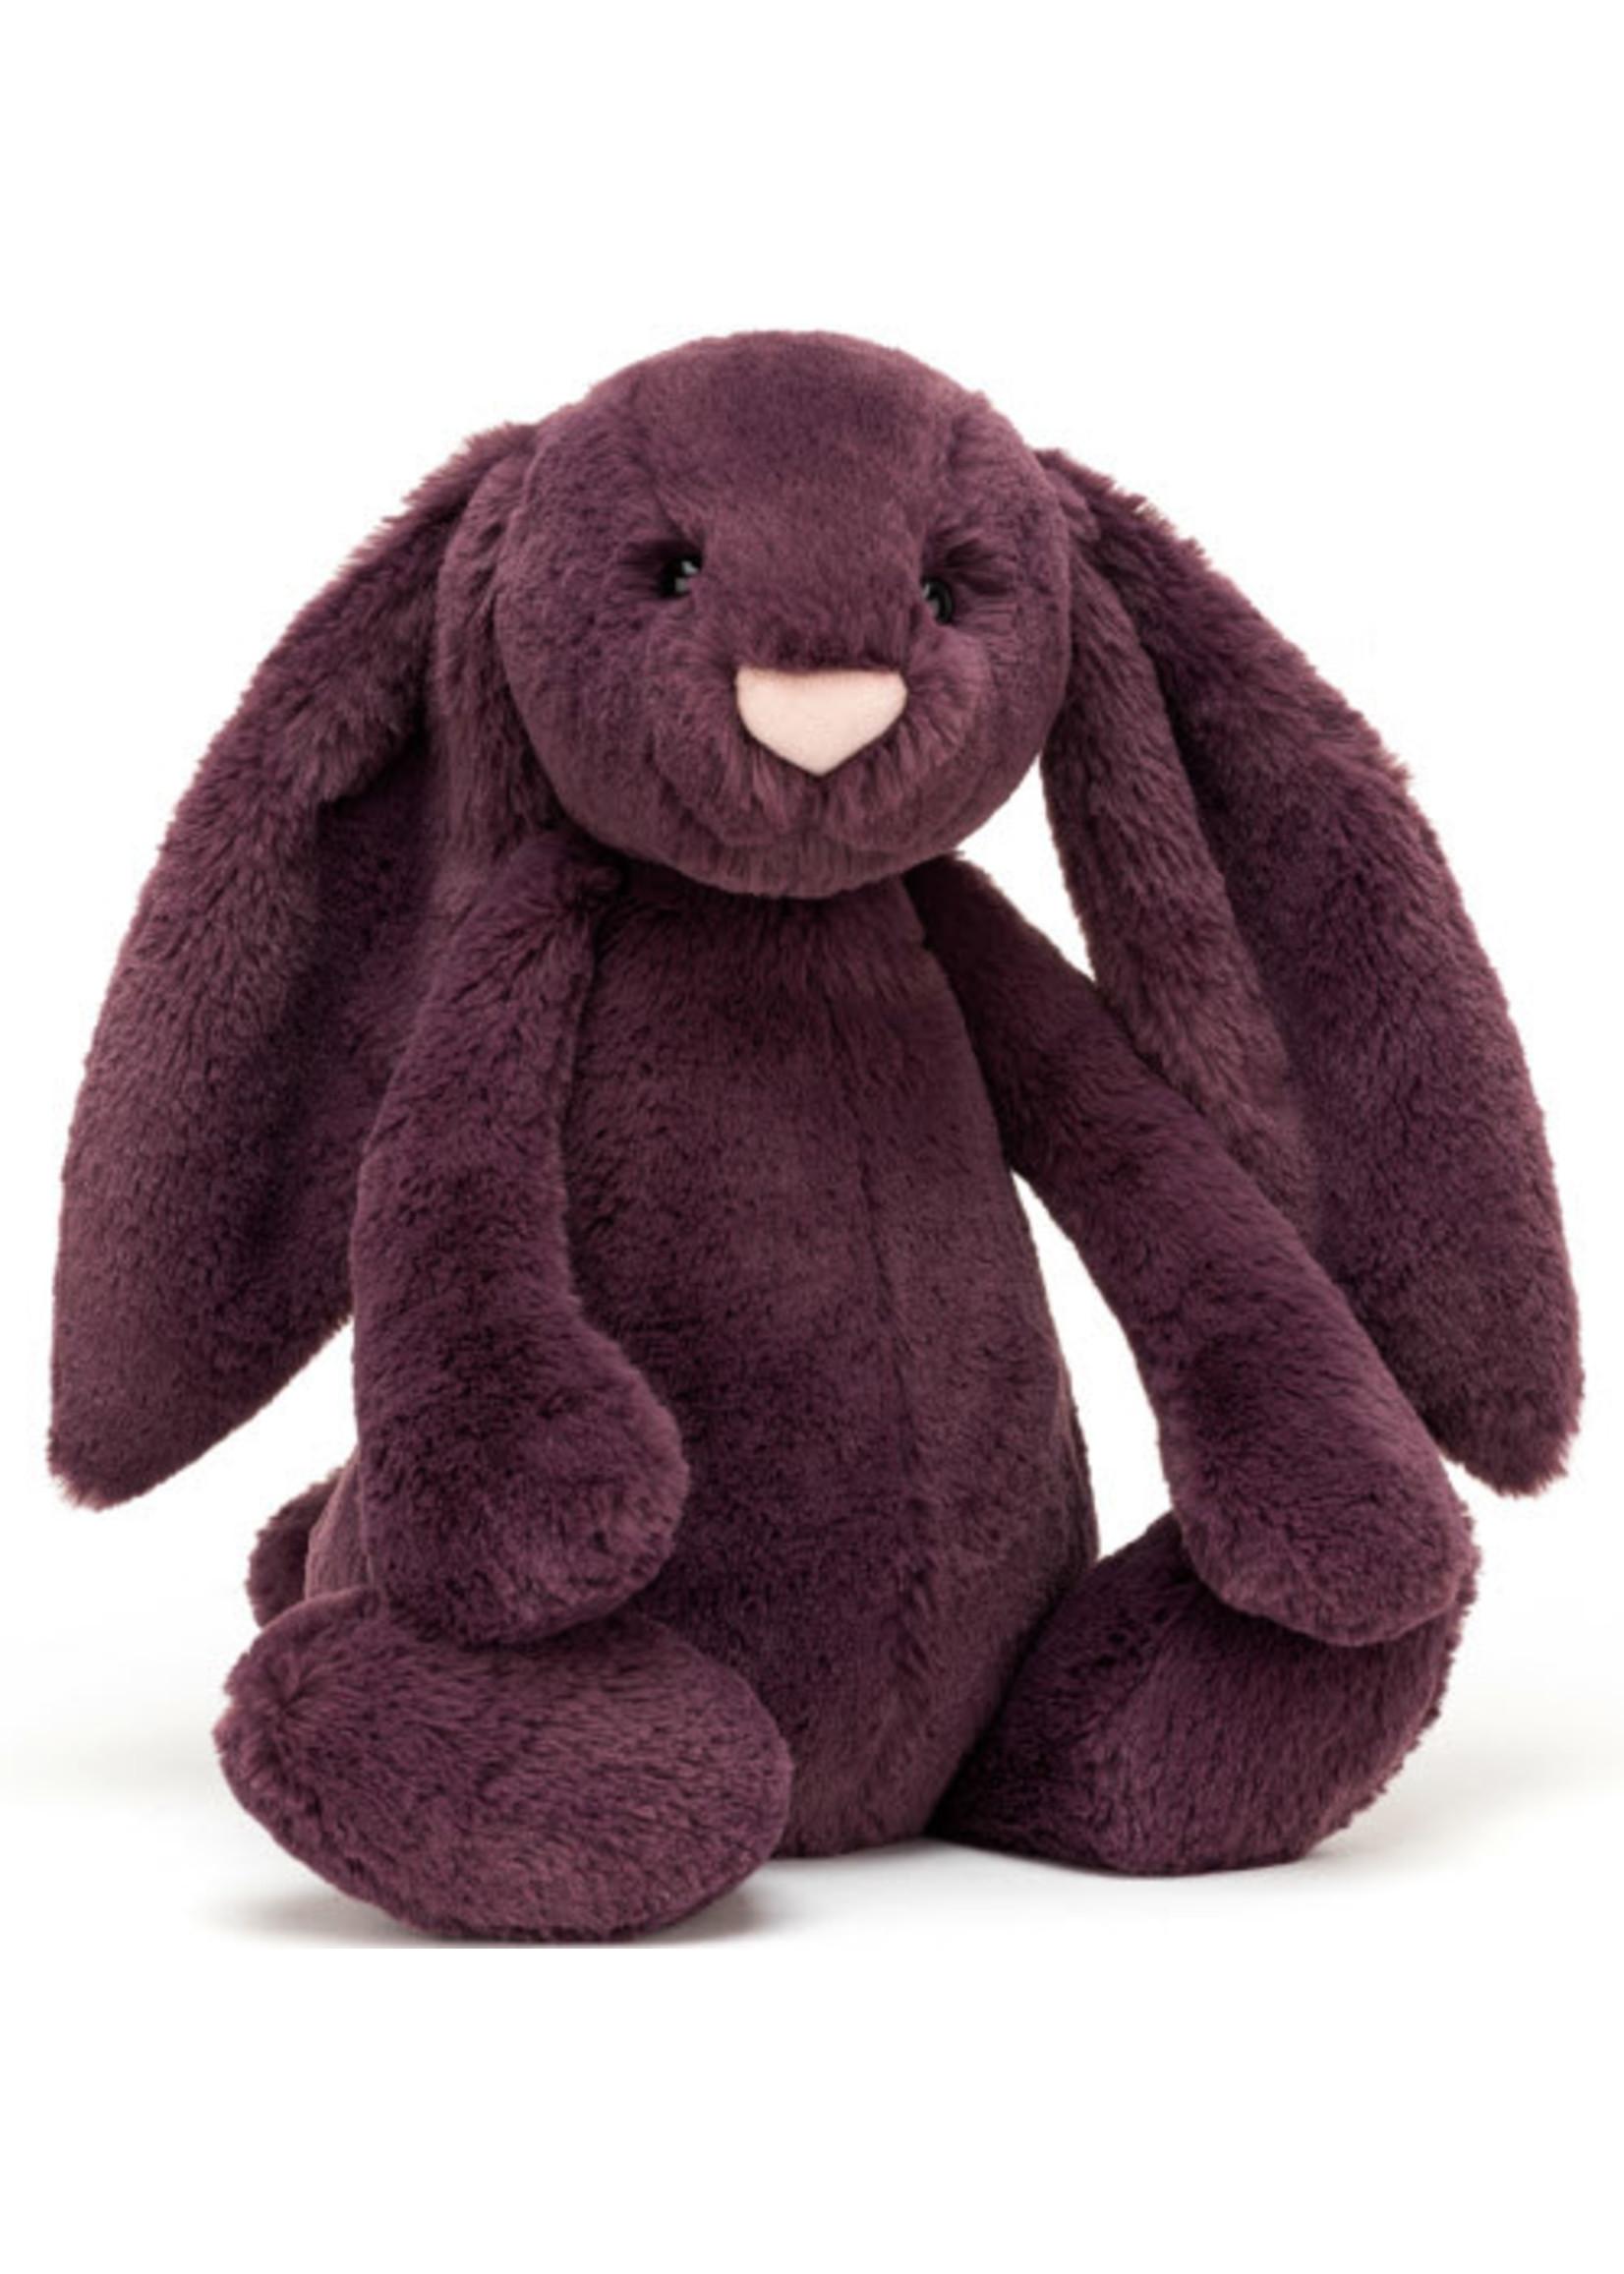 Jellycat JC Large Bashful Plum bunny